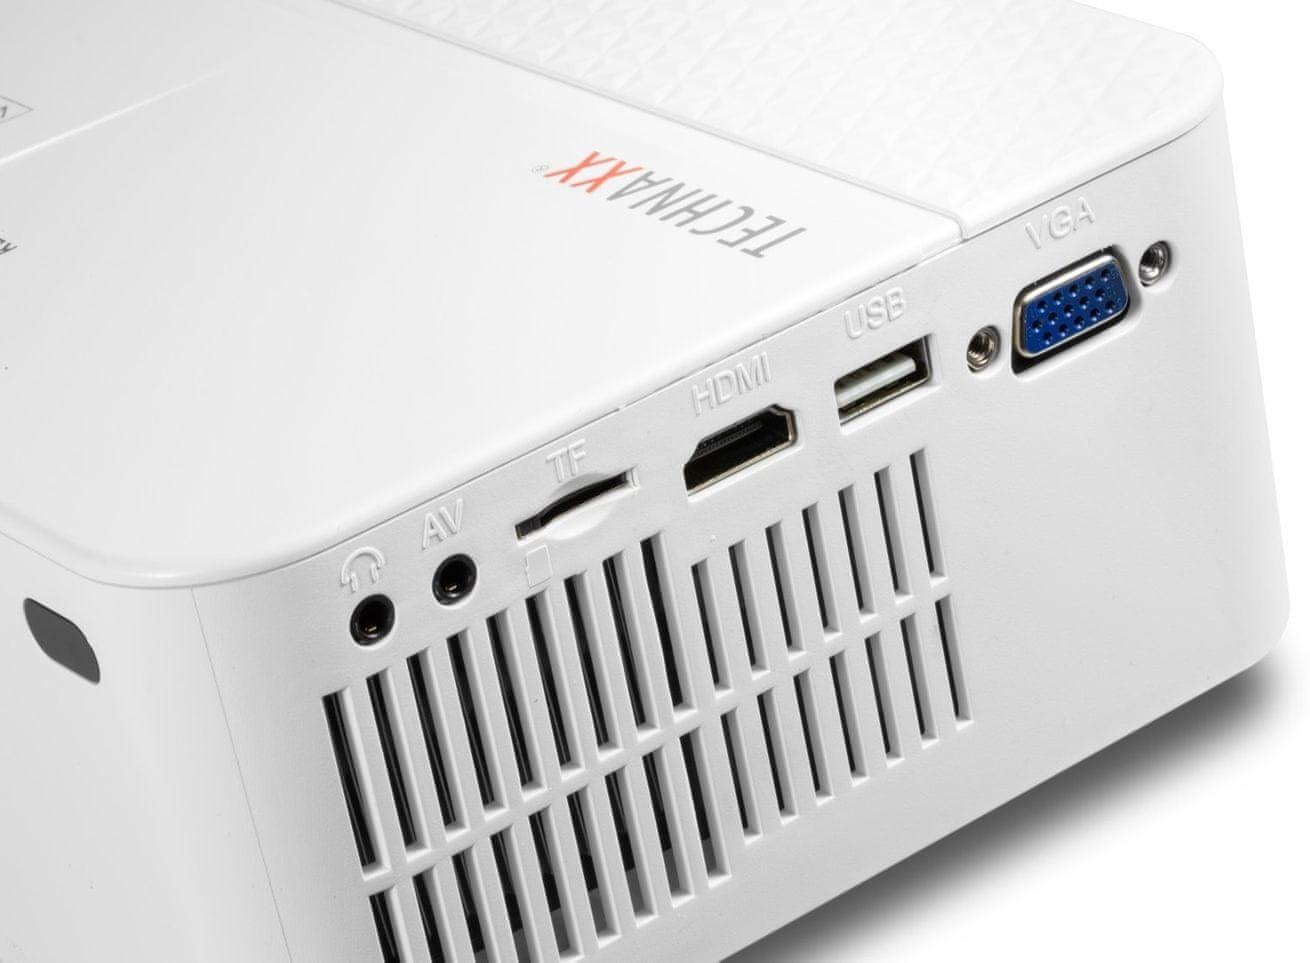 Projektor Technaxx TX0441 (4781) HDMI 3,5 mm jack USB VGA compatibility multimediálny prehrávač